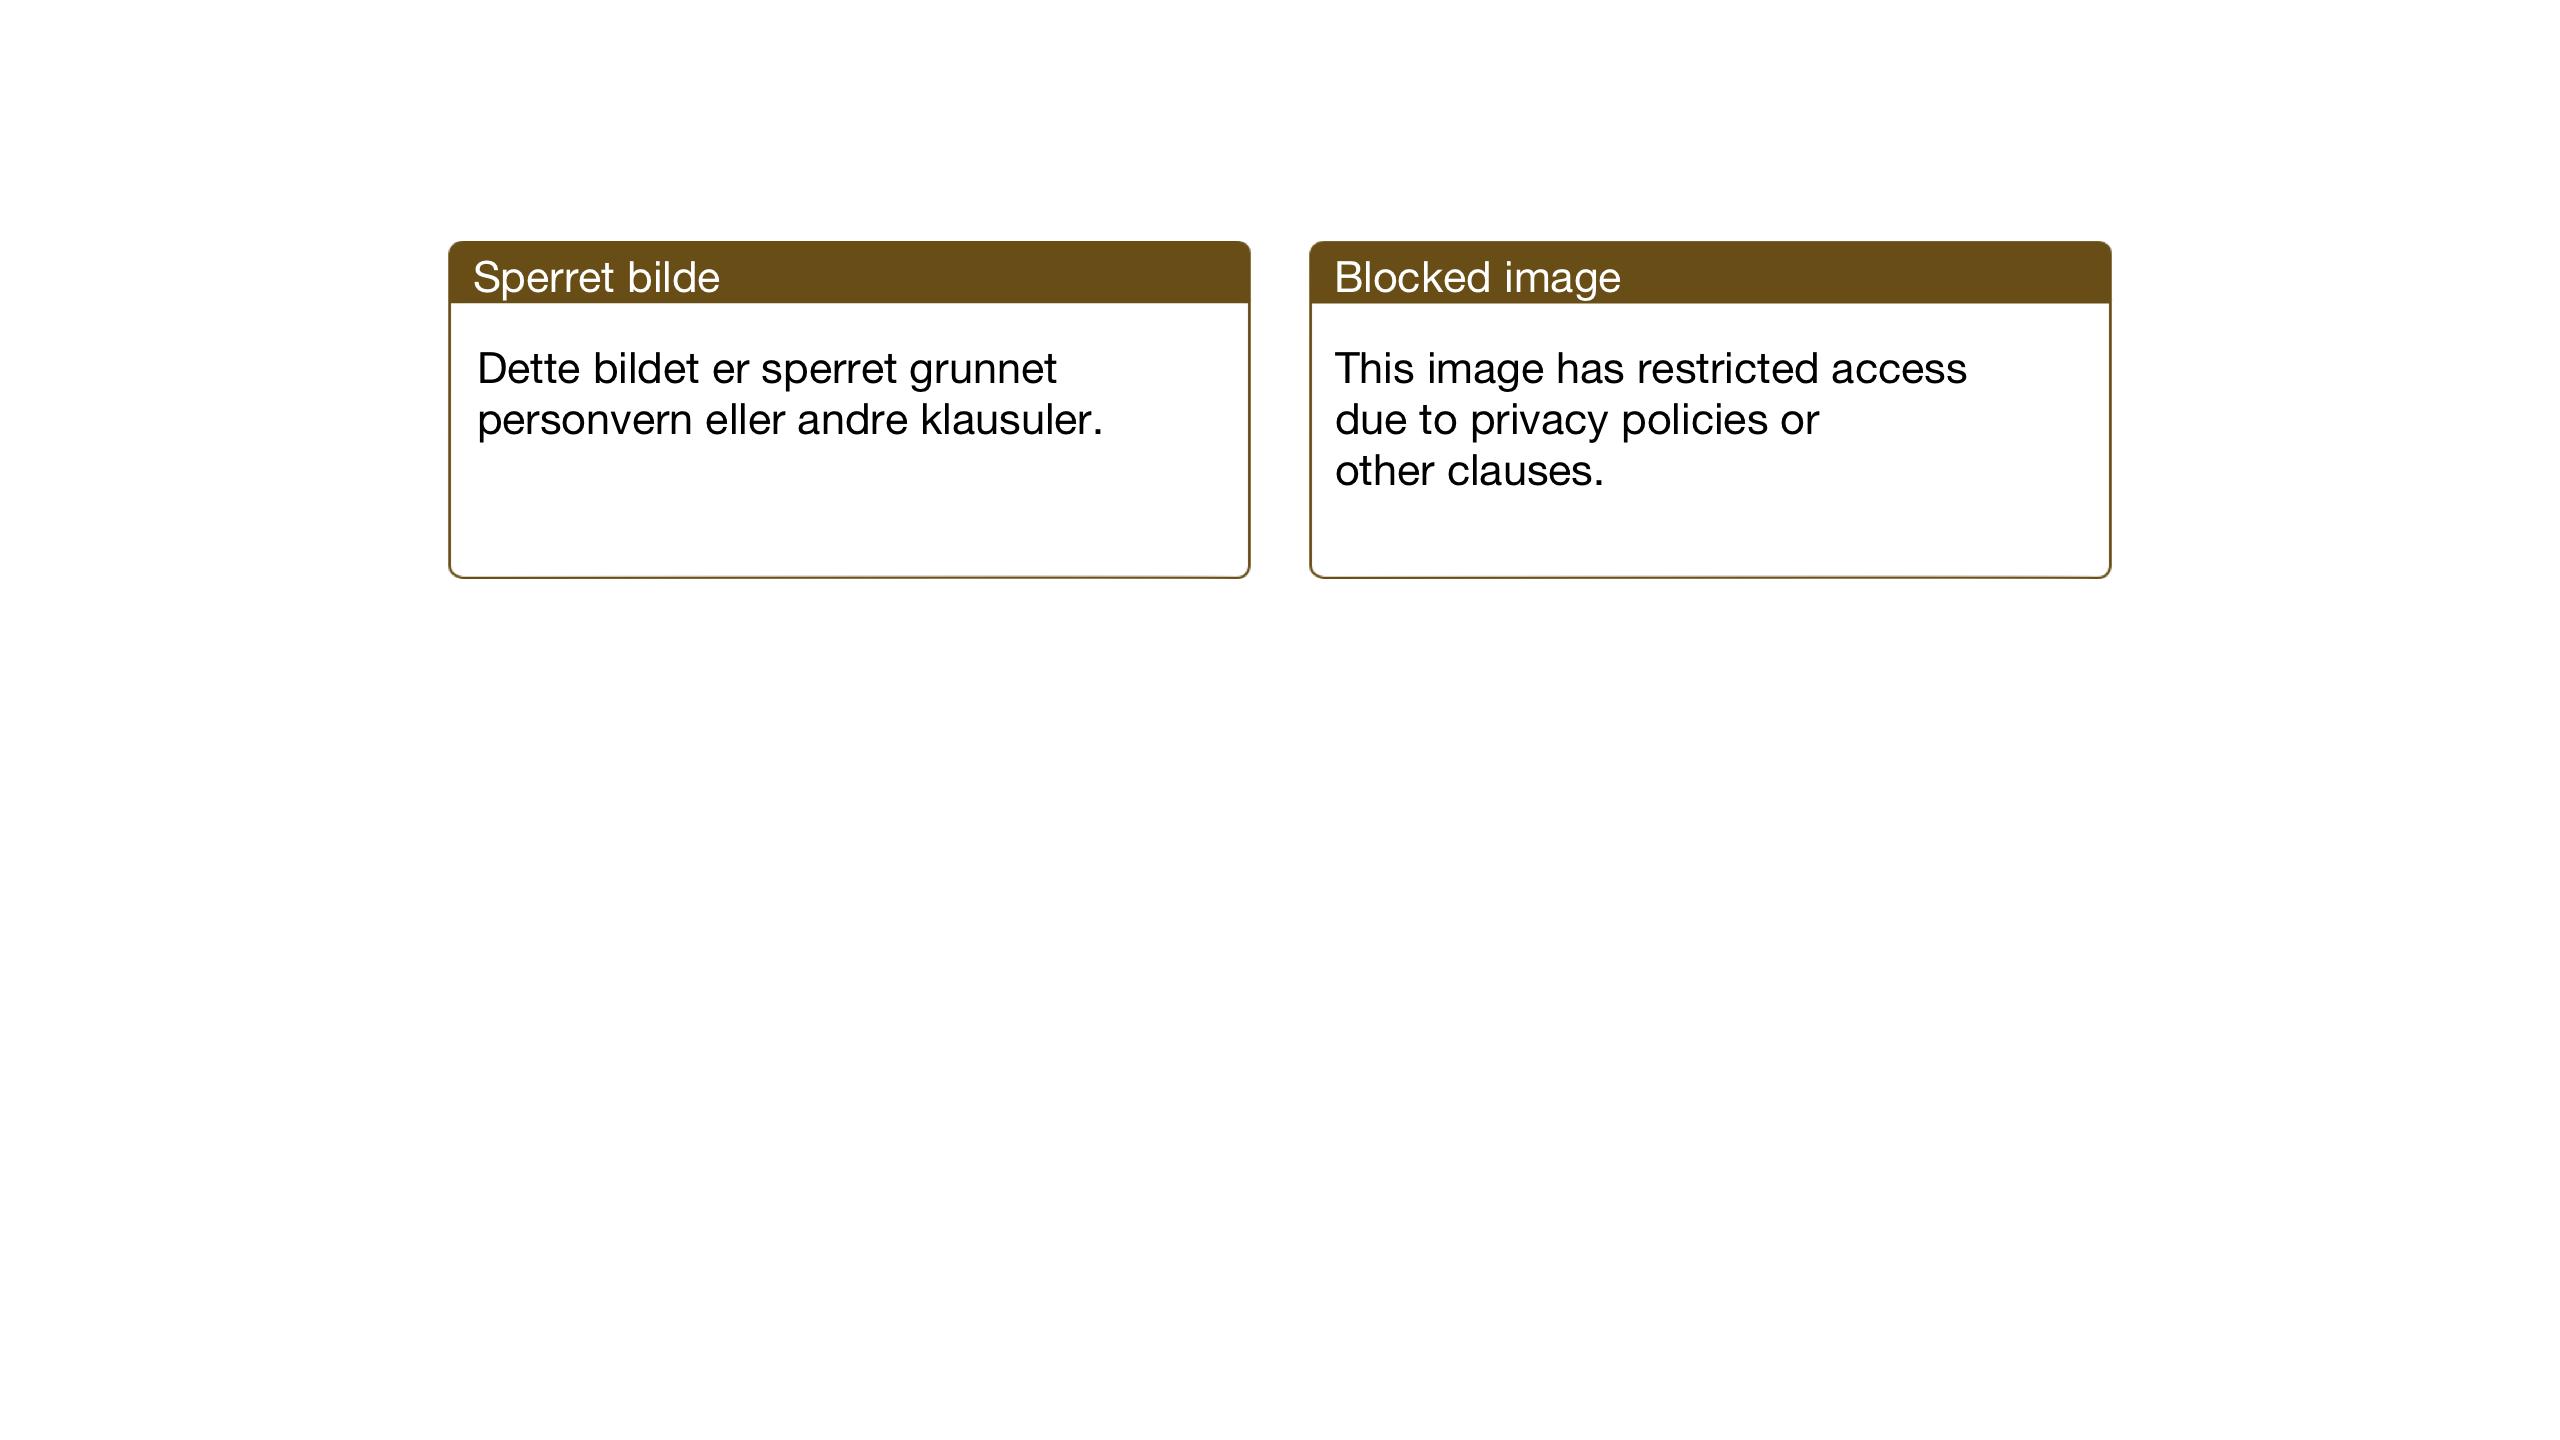 SAT, Ministerialprotokoller, klokkerbøker og fødselsregistre - Sør-Trøndelag, 694/L1134: Klokkerbok nr. 694C06, 1915-1937, s. 103